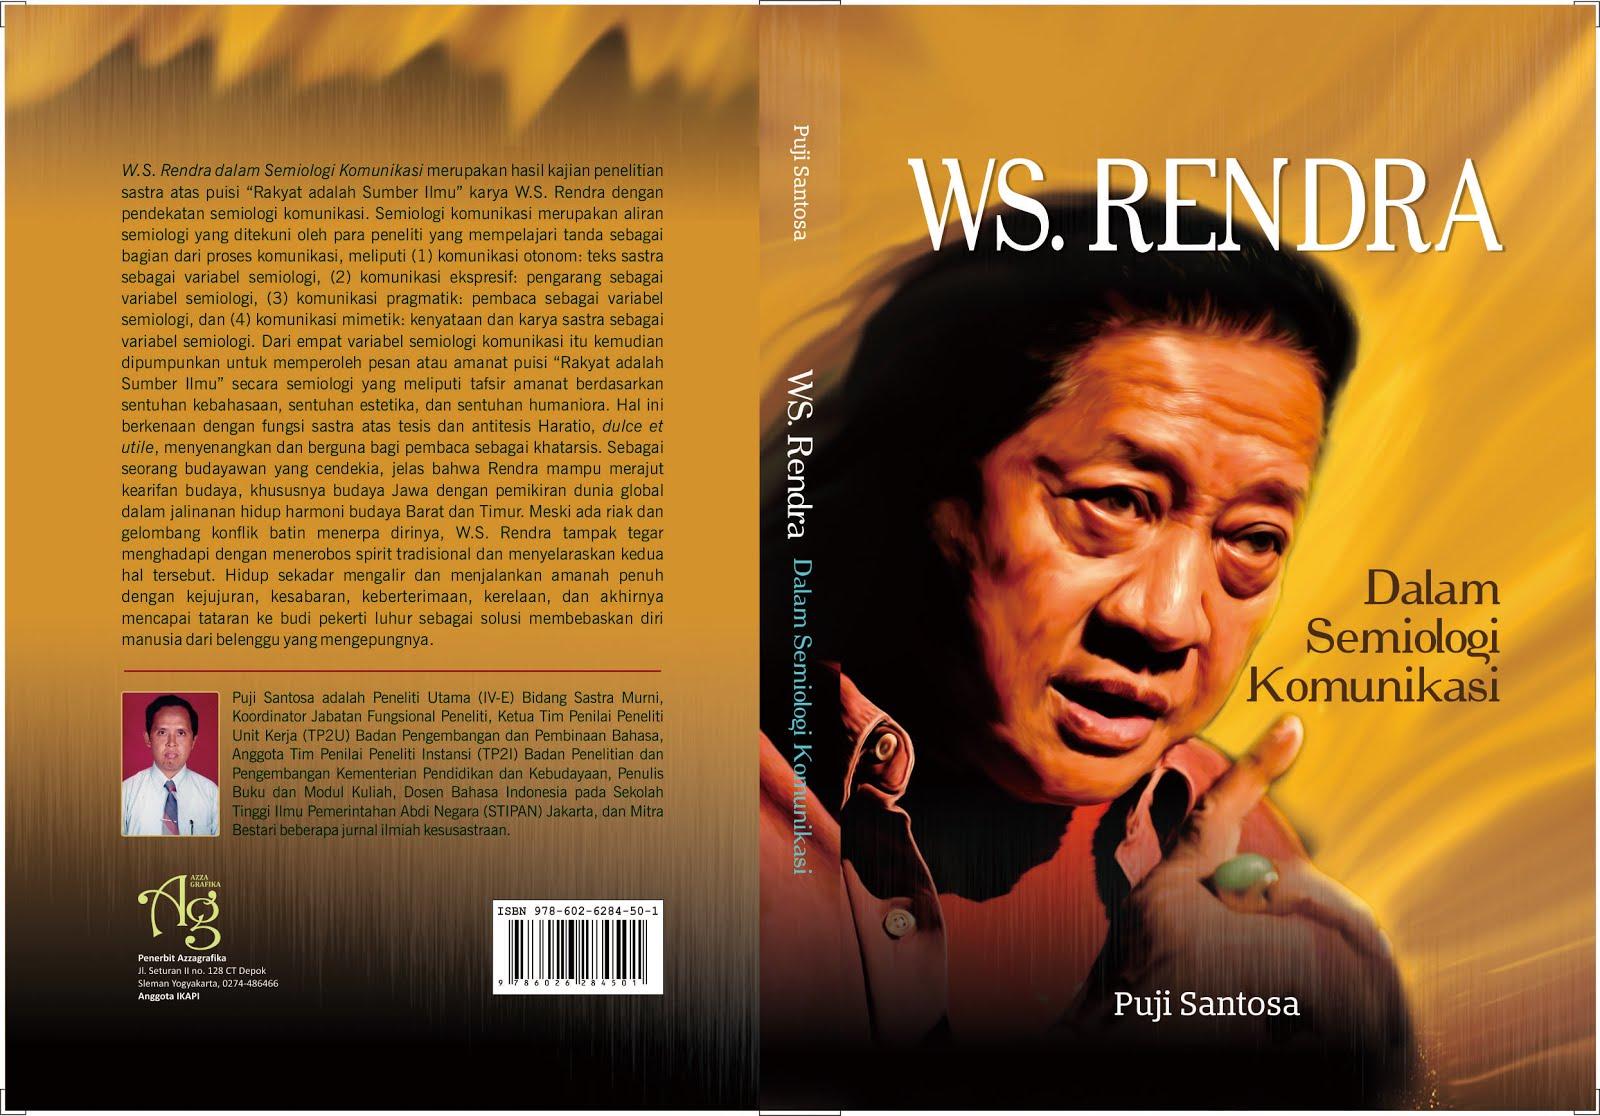 W.S. Rendra dalam Semiologi Komunikasi